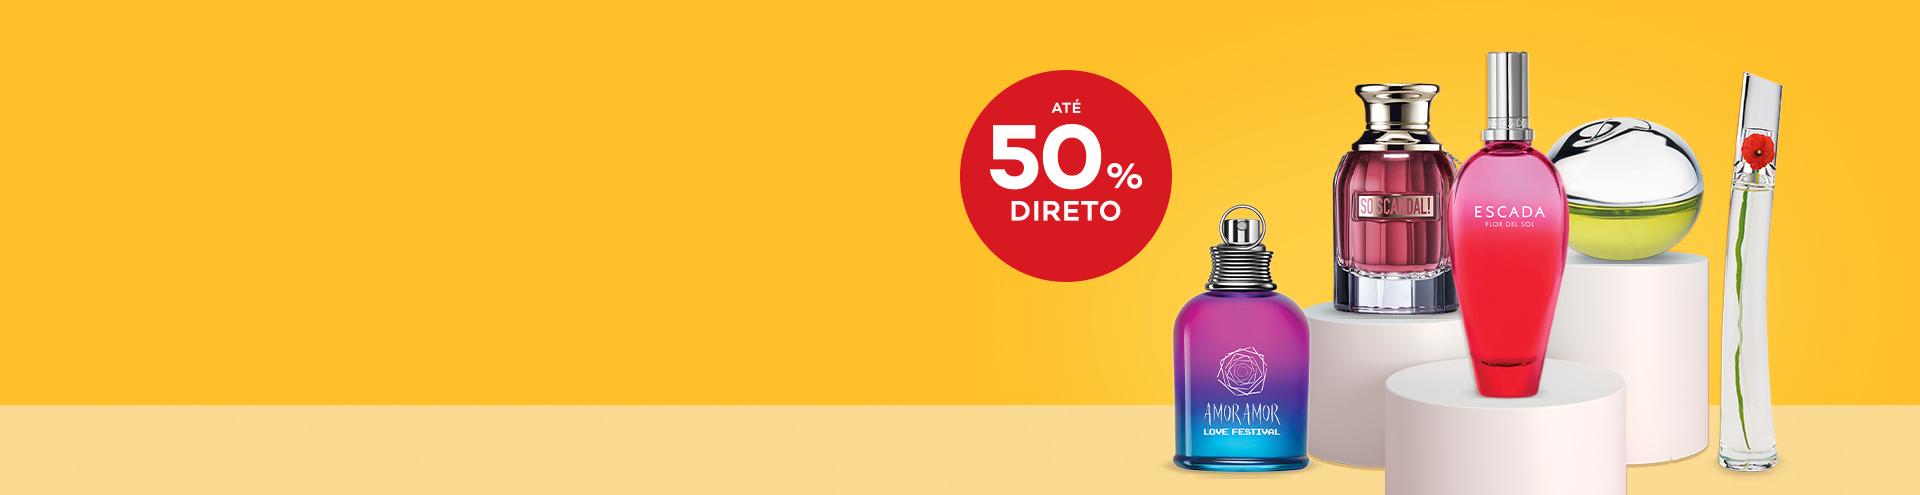 Perfumes 50% desconto